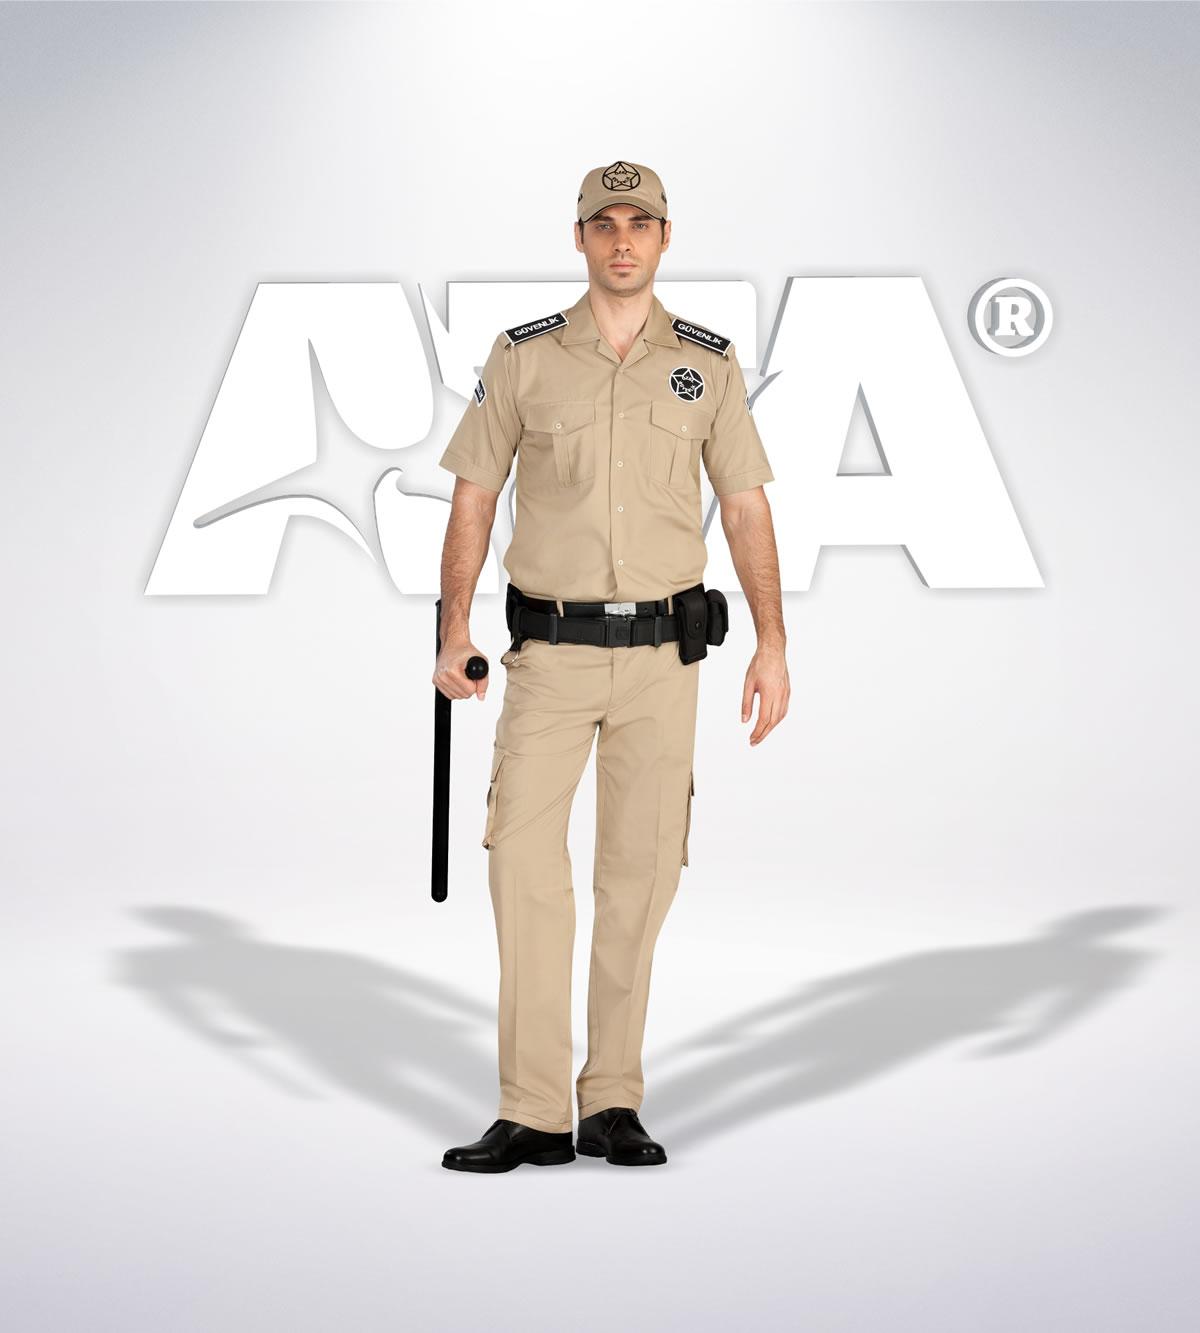 ATA 120 - Pantolon yazlık - gömlek yazlık-kışlık - aksesuar - güvenlik elbiseleri | güvenlik üniformaları | güvenlik kıyafetleri